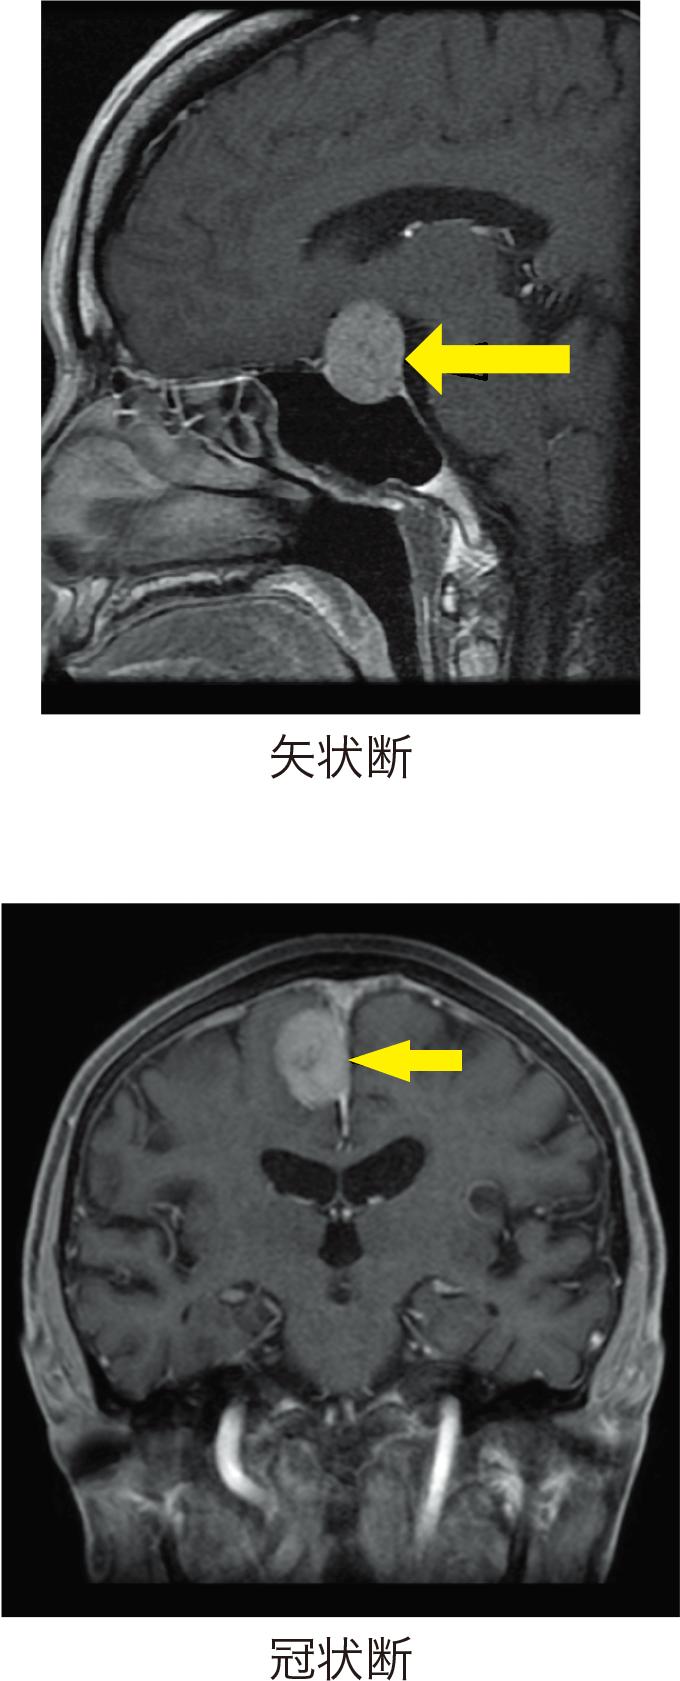 図9脳腫瘍のMRI